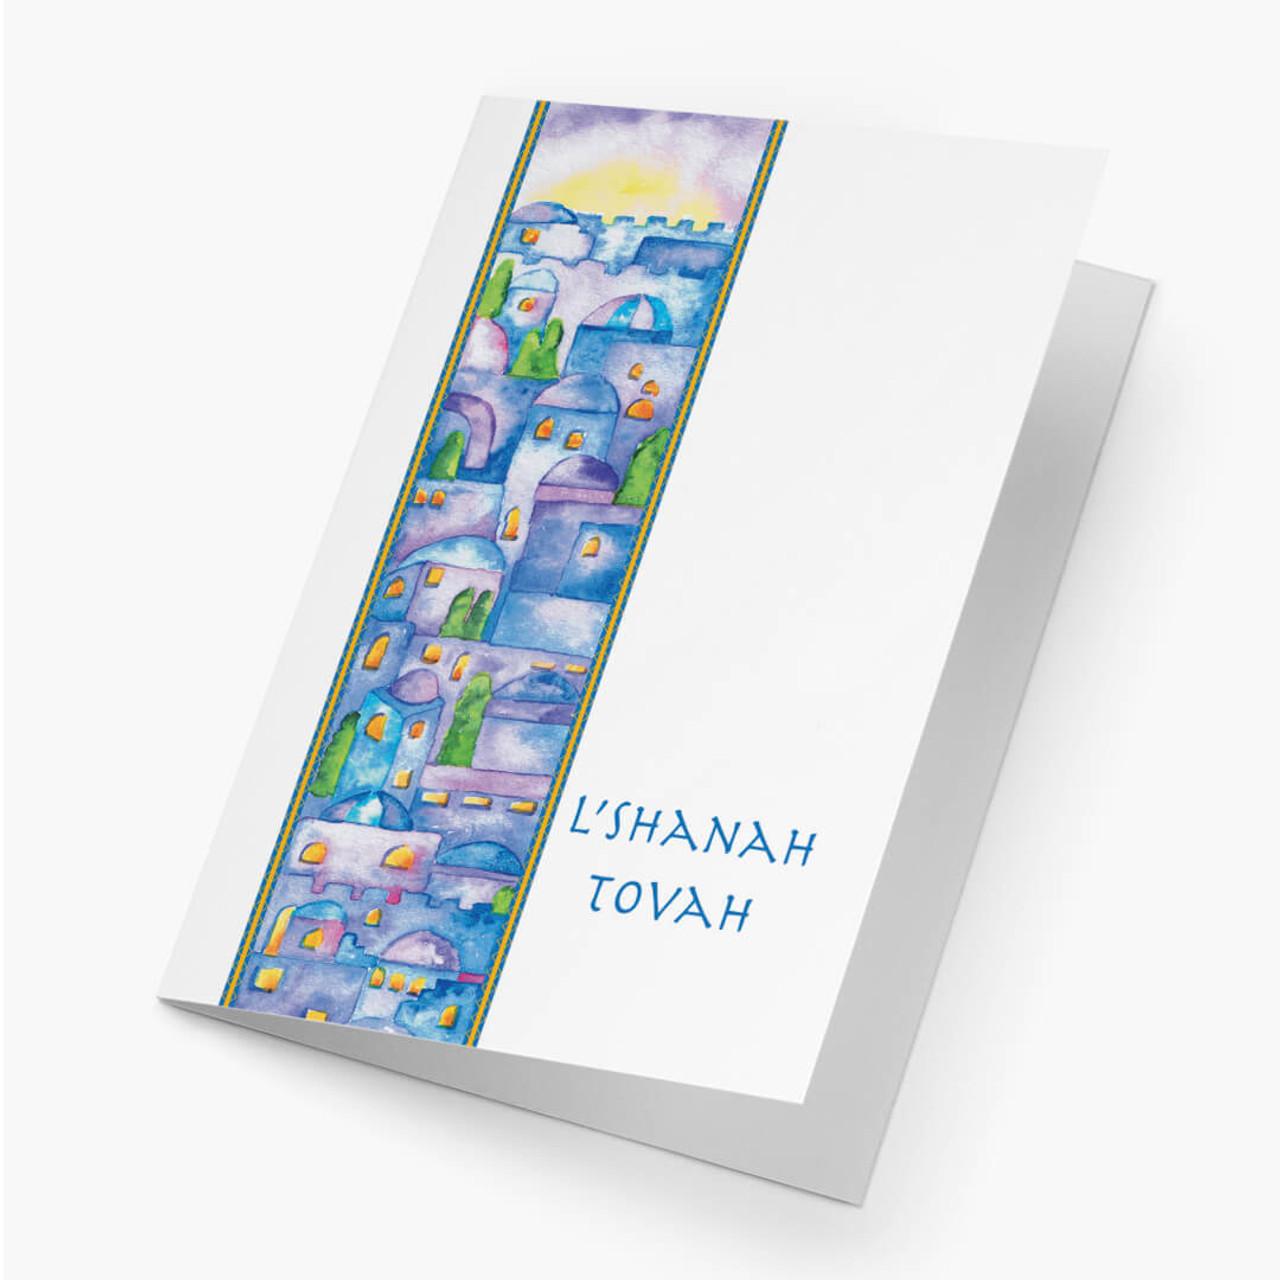 L'Shanah Tovah Rosh Hashanah Card